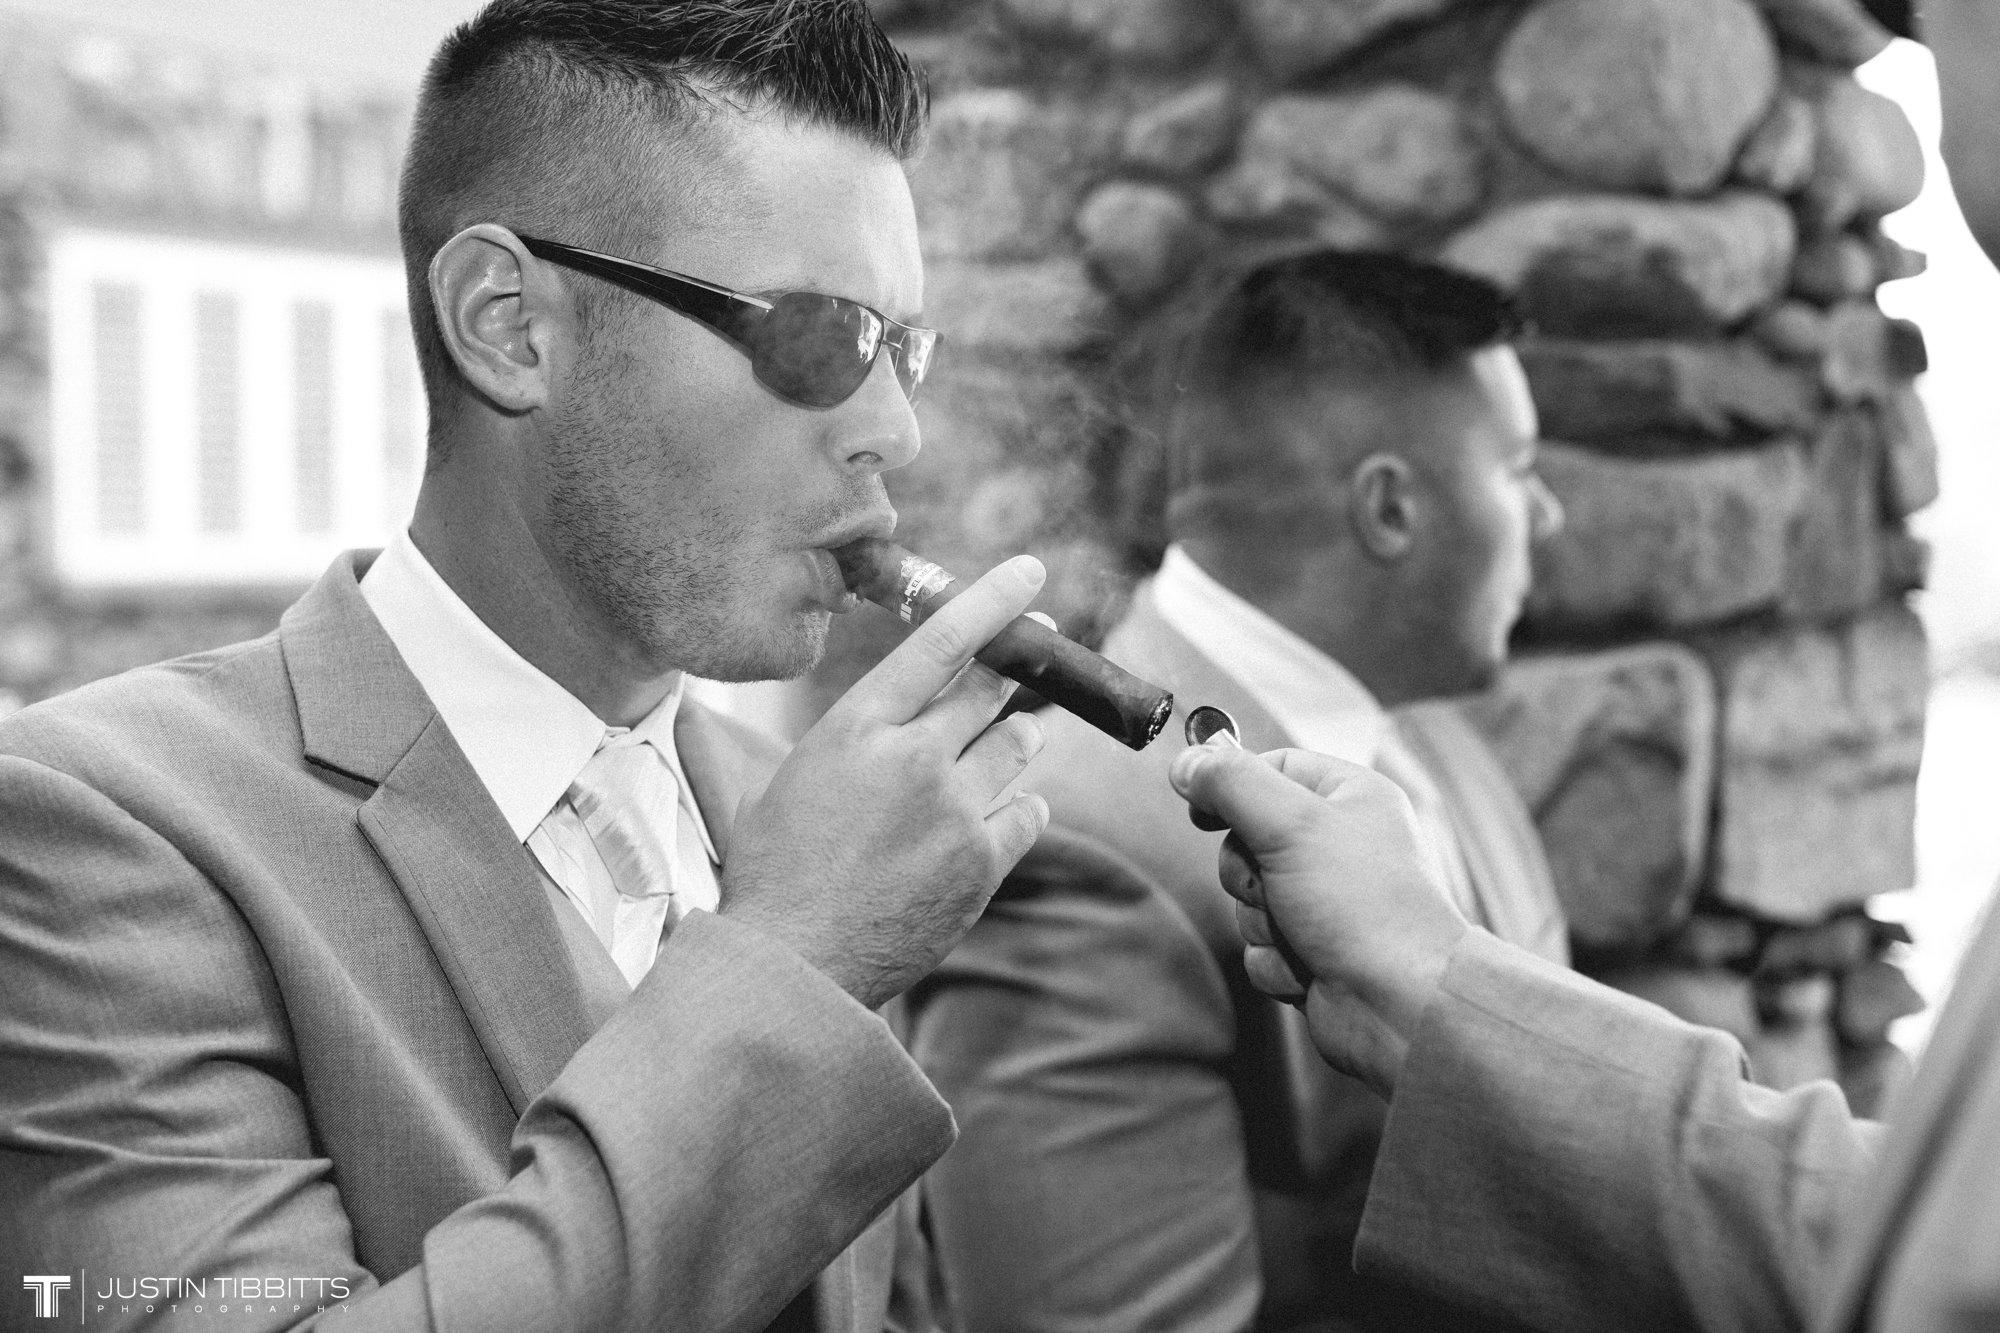 Albany NY Wedding Photographer Justin Tibbitts Photography 2014 Best of Albany NY Weddings-724329